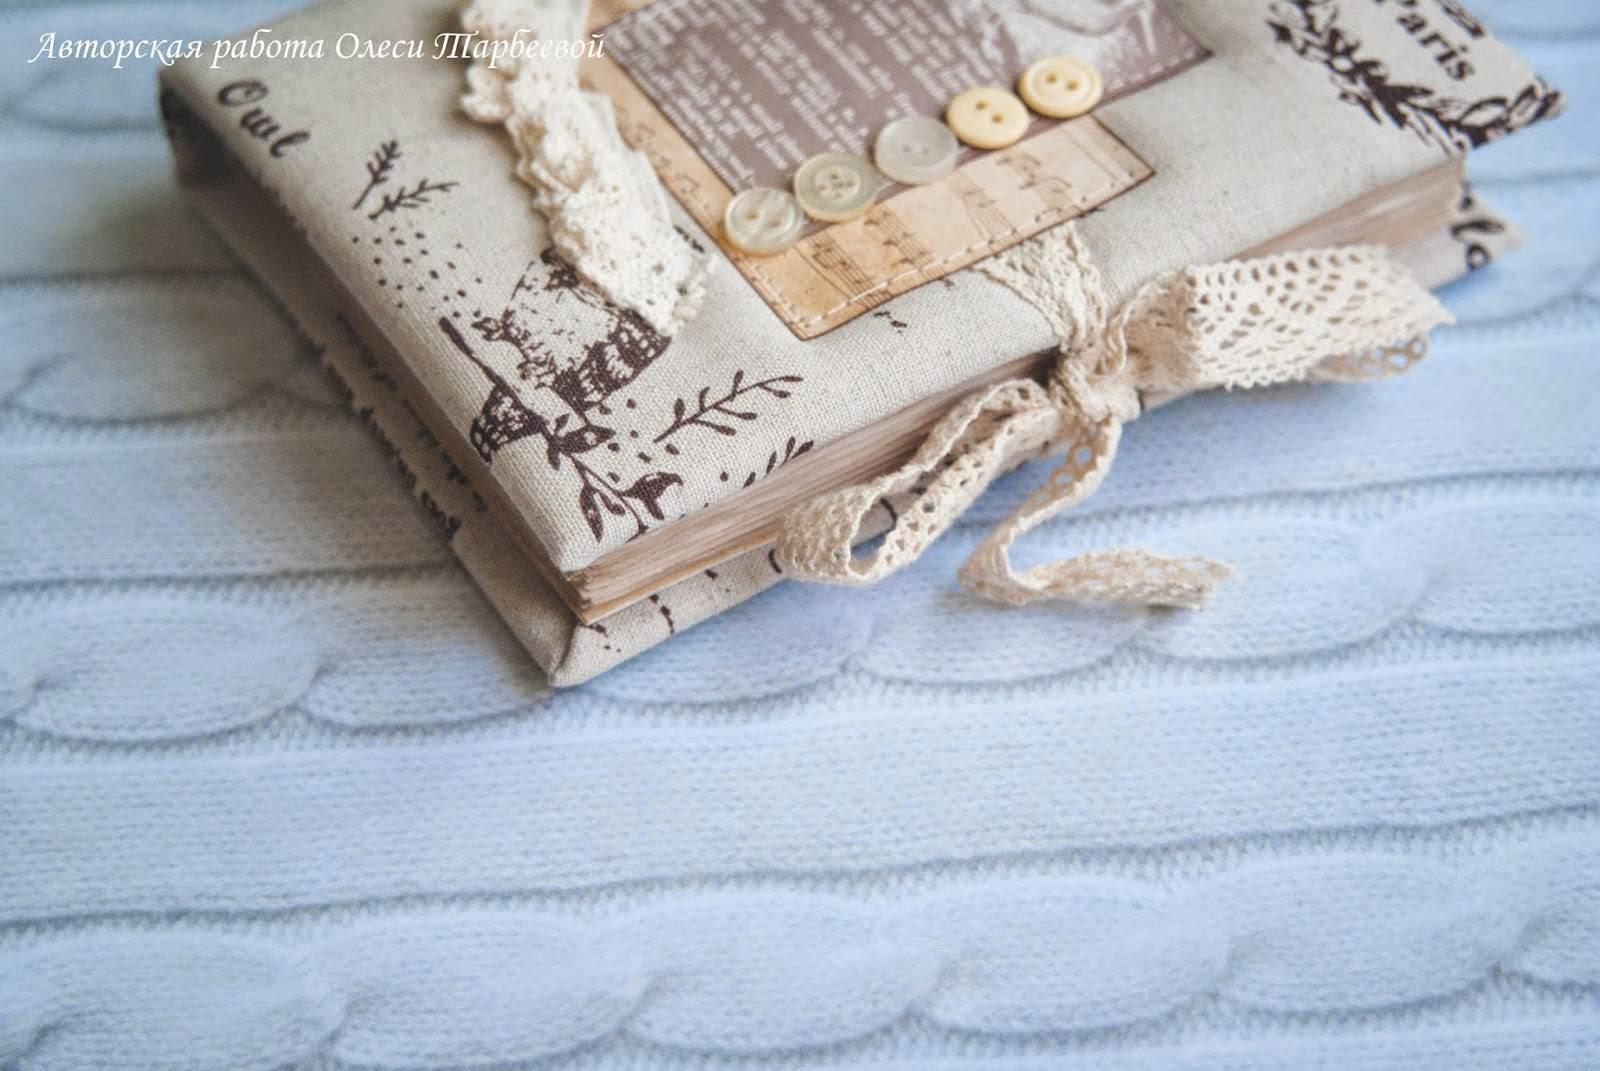 Эксклюзивный подарок, сделанный своими руками, — блокнот в технике скрапбукинг